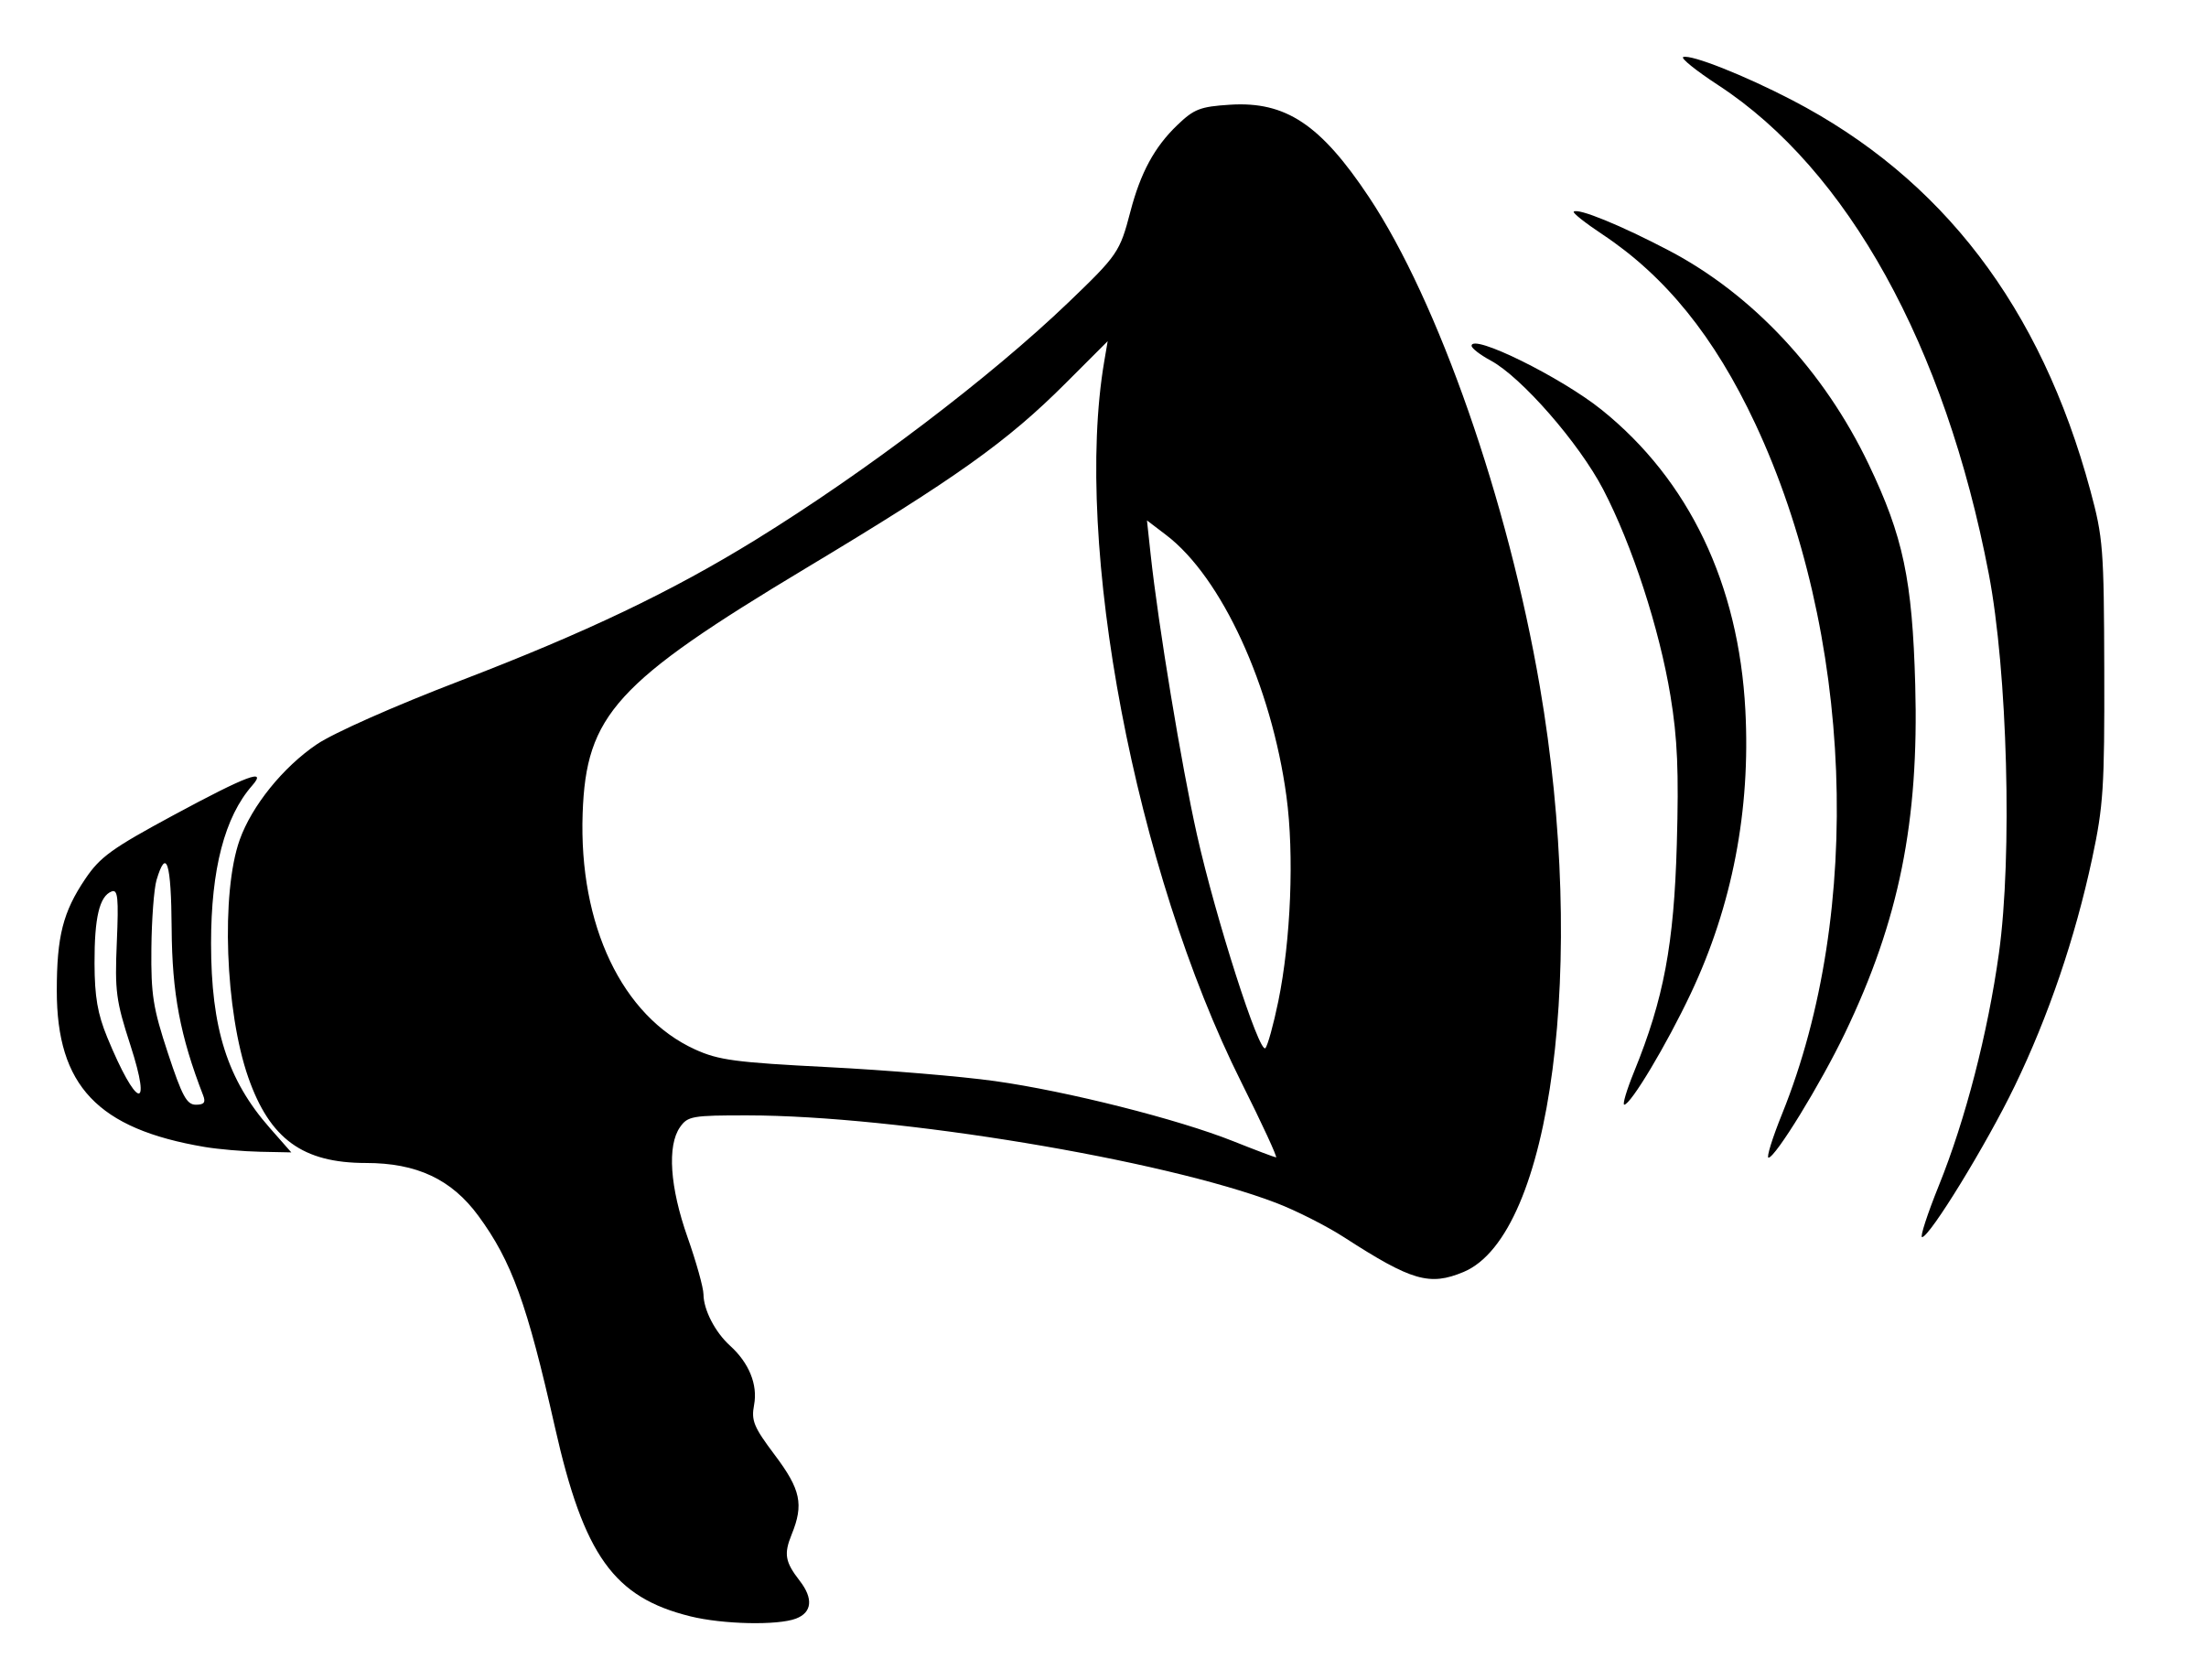 Megaphone Download Clip art.